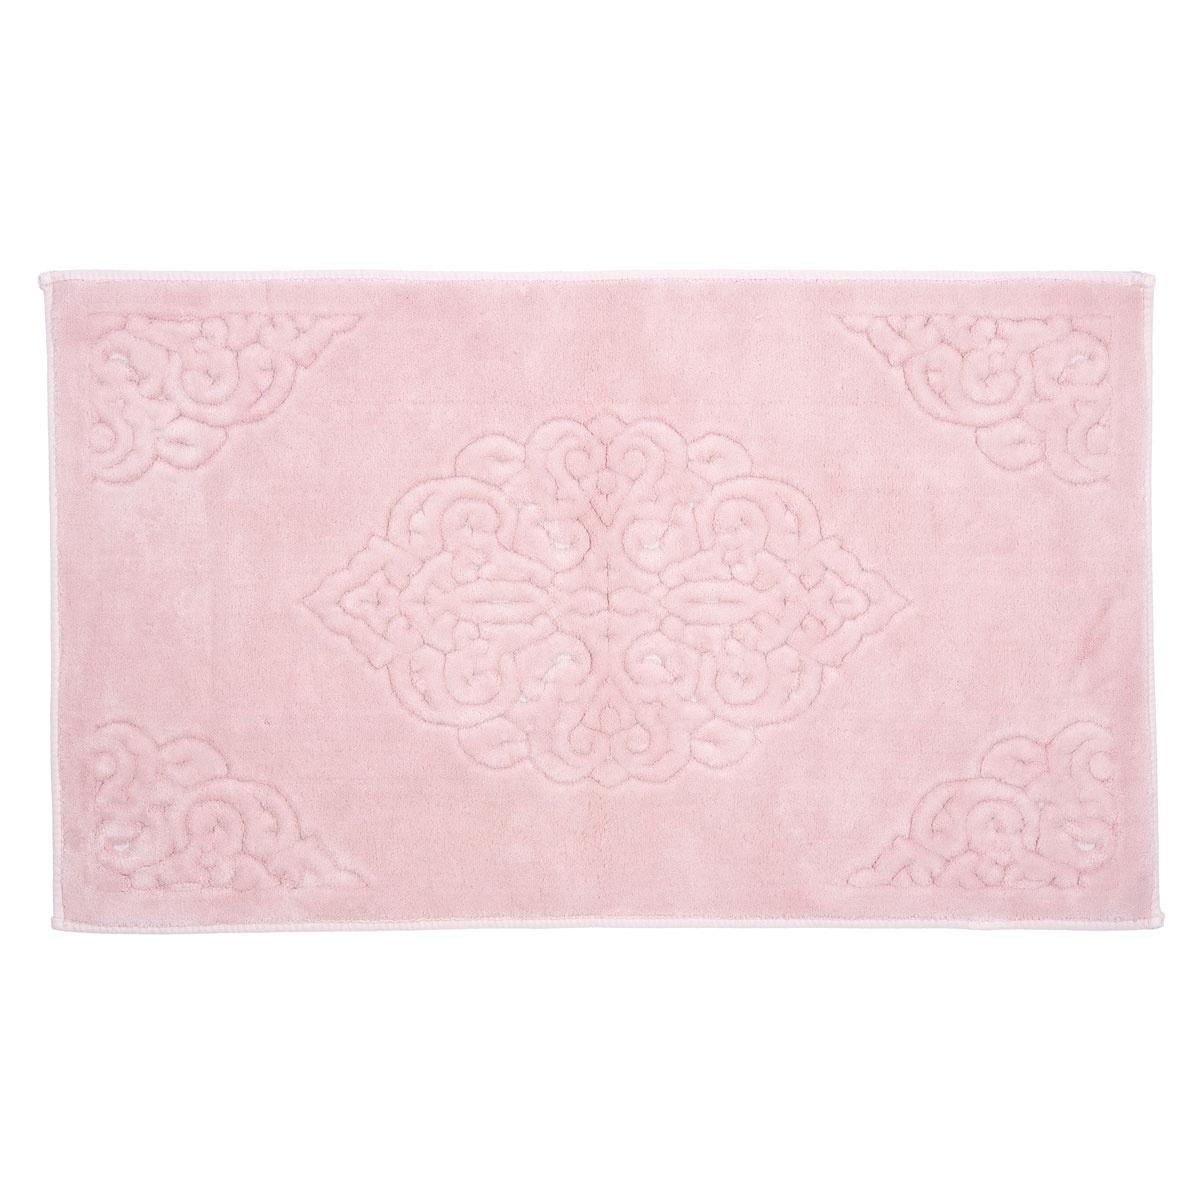 Коврик Arya 60Х100 Ala розовый коврик arya 60х100 2 пр assos бирюзовый 1126860